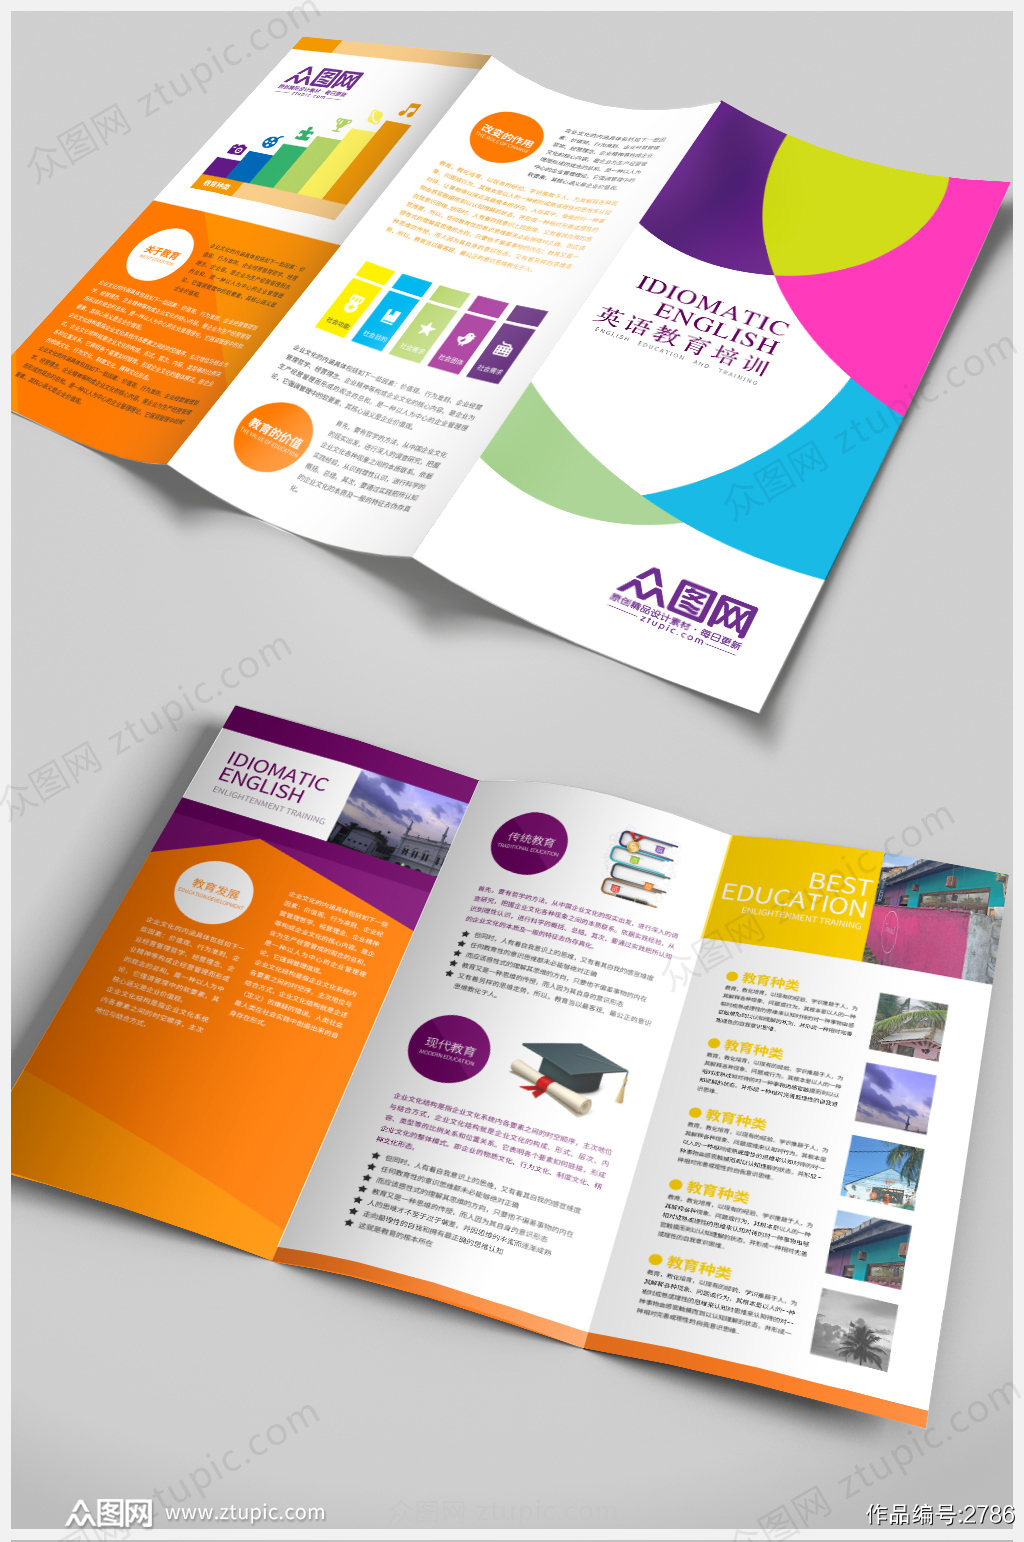 彩色时尚英语培训班宣传三折页PSD素材